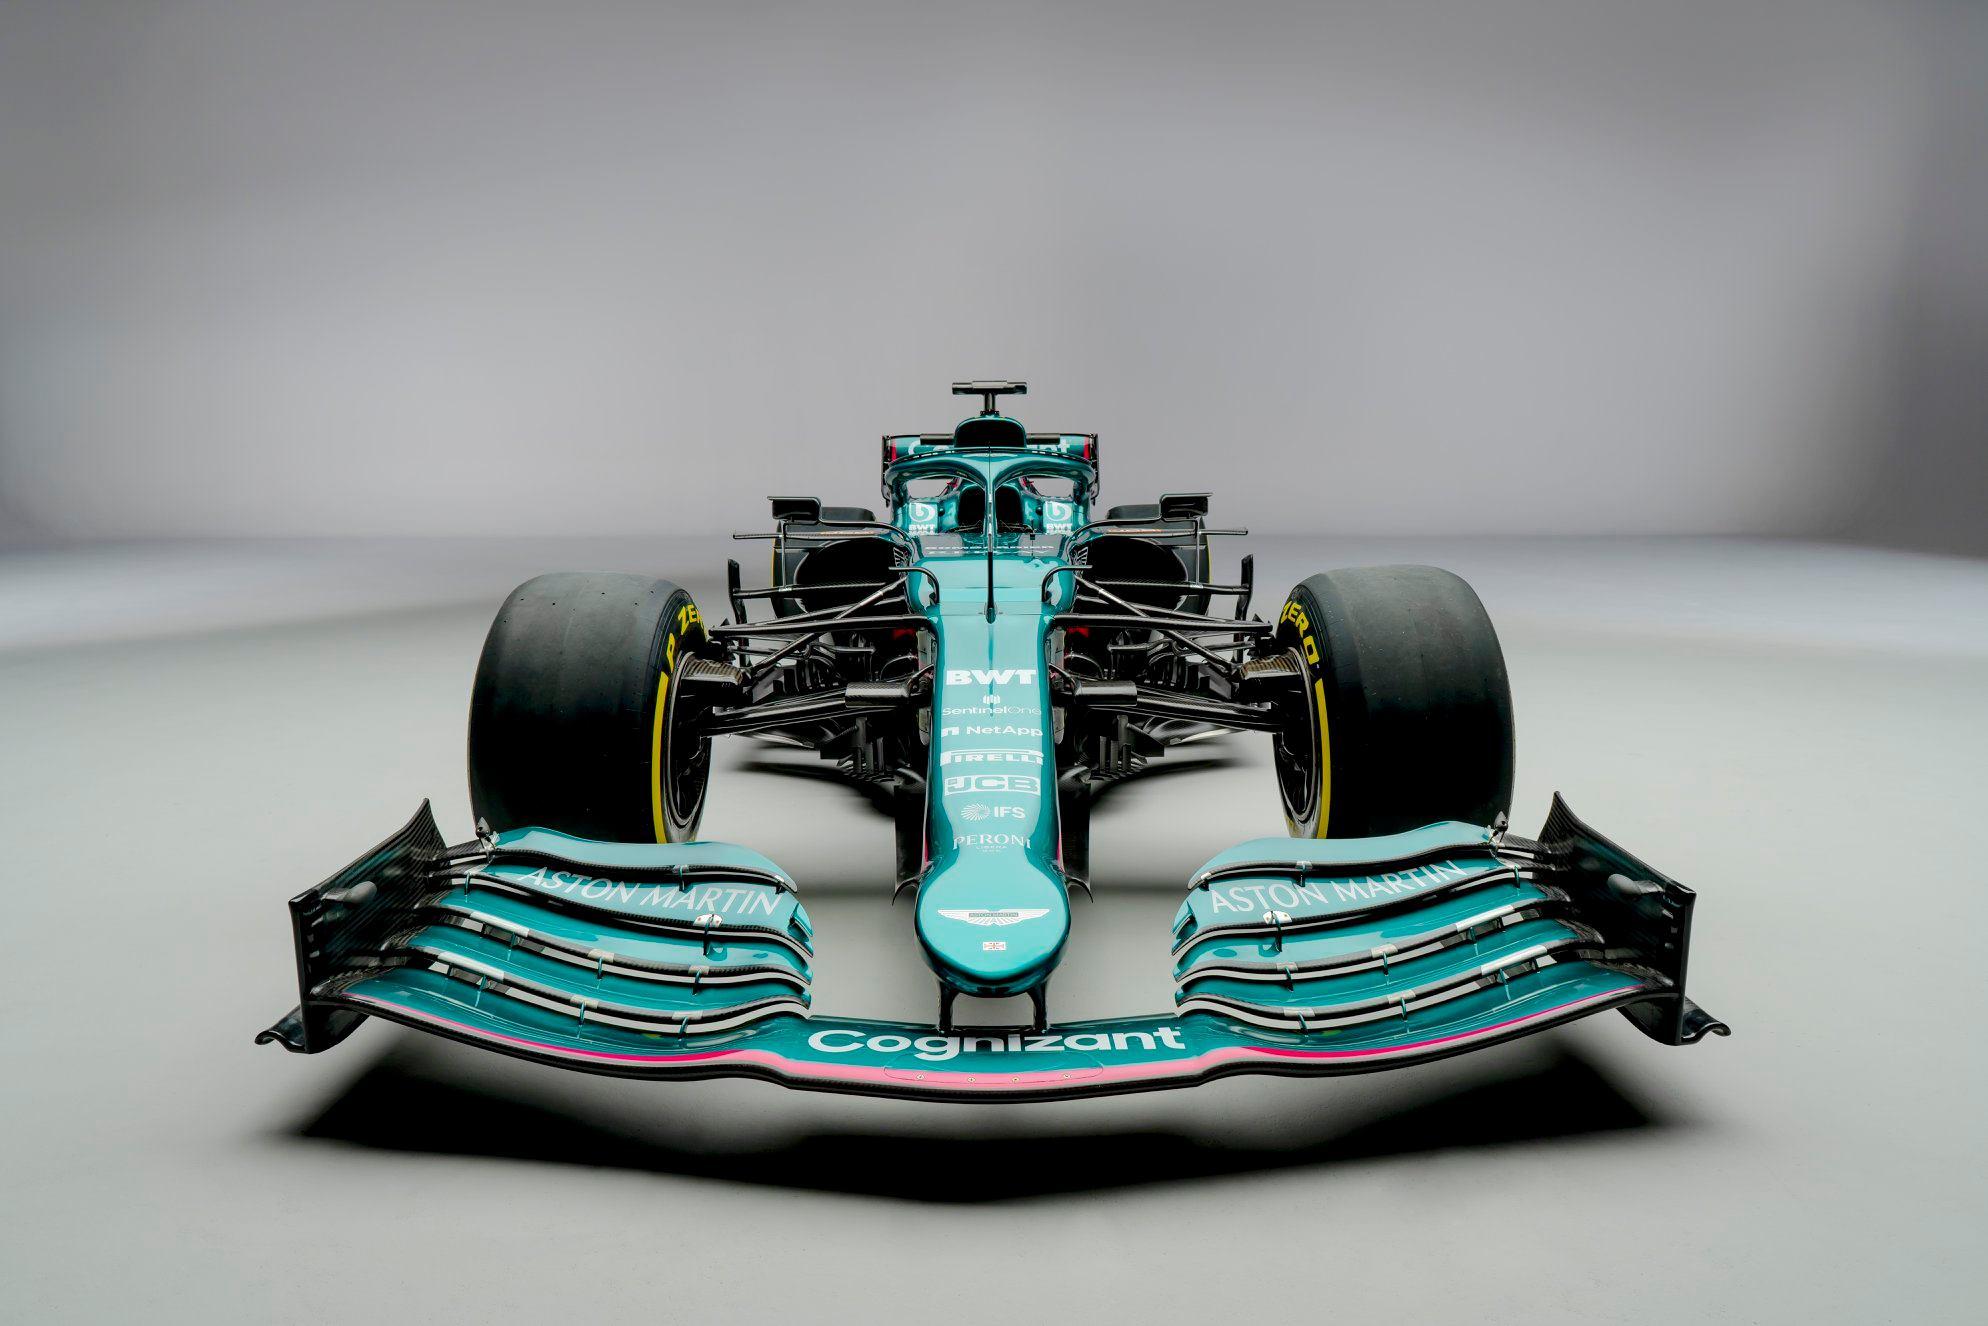 Le vert Anglais pour une F1 résolument moderne